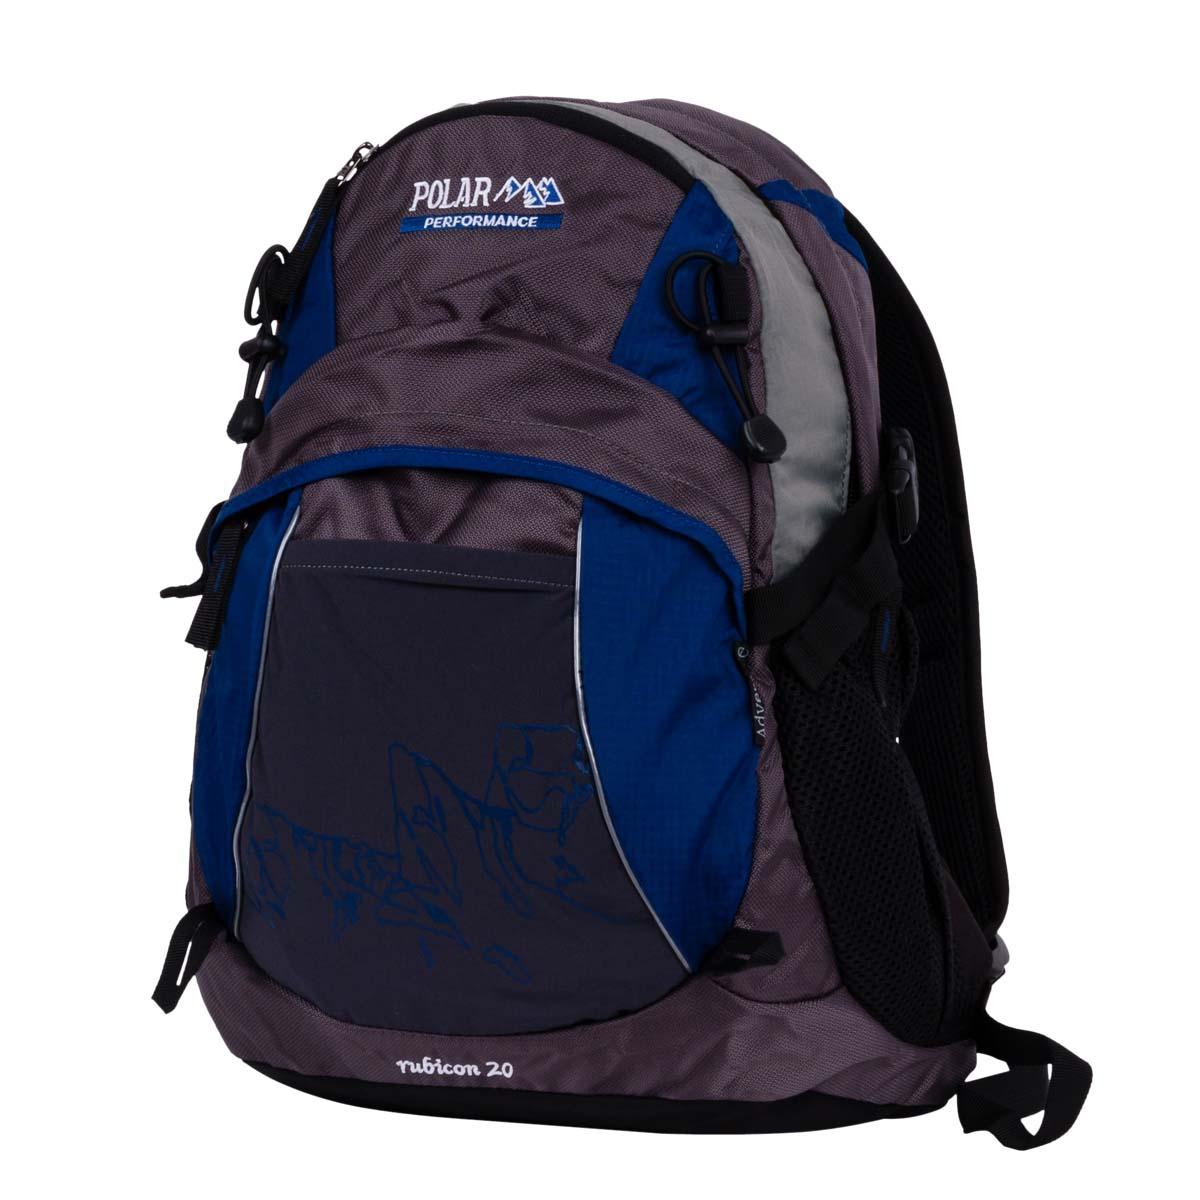 Рюкзак городской Polar, 21,5 л, цвет: синий. П1563-04 рюкзак городской polar цвет синий 16 л п7074 04 page 3